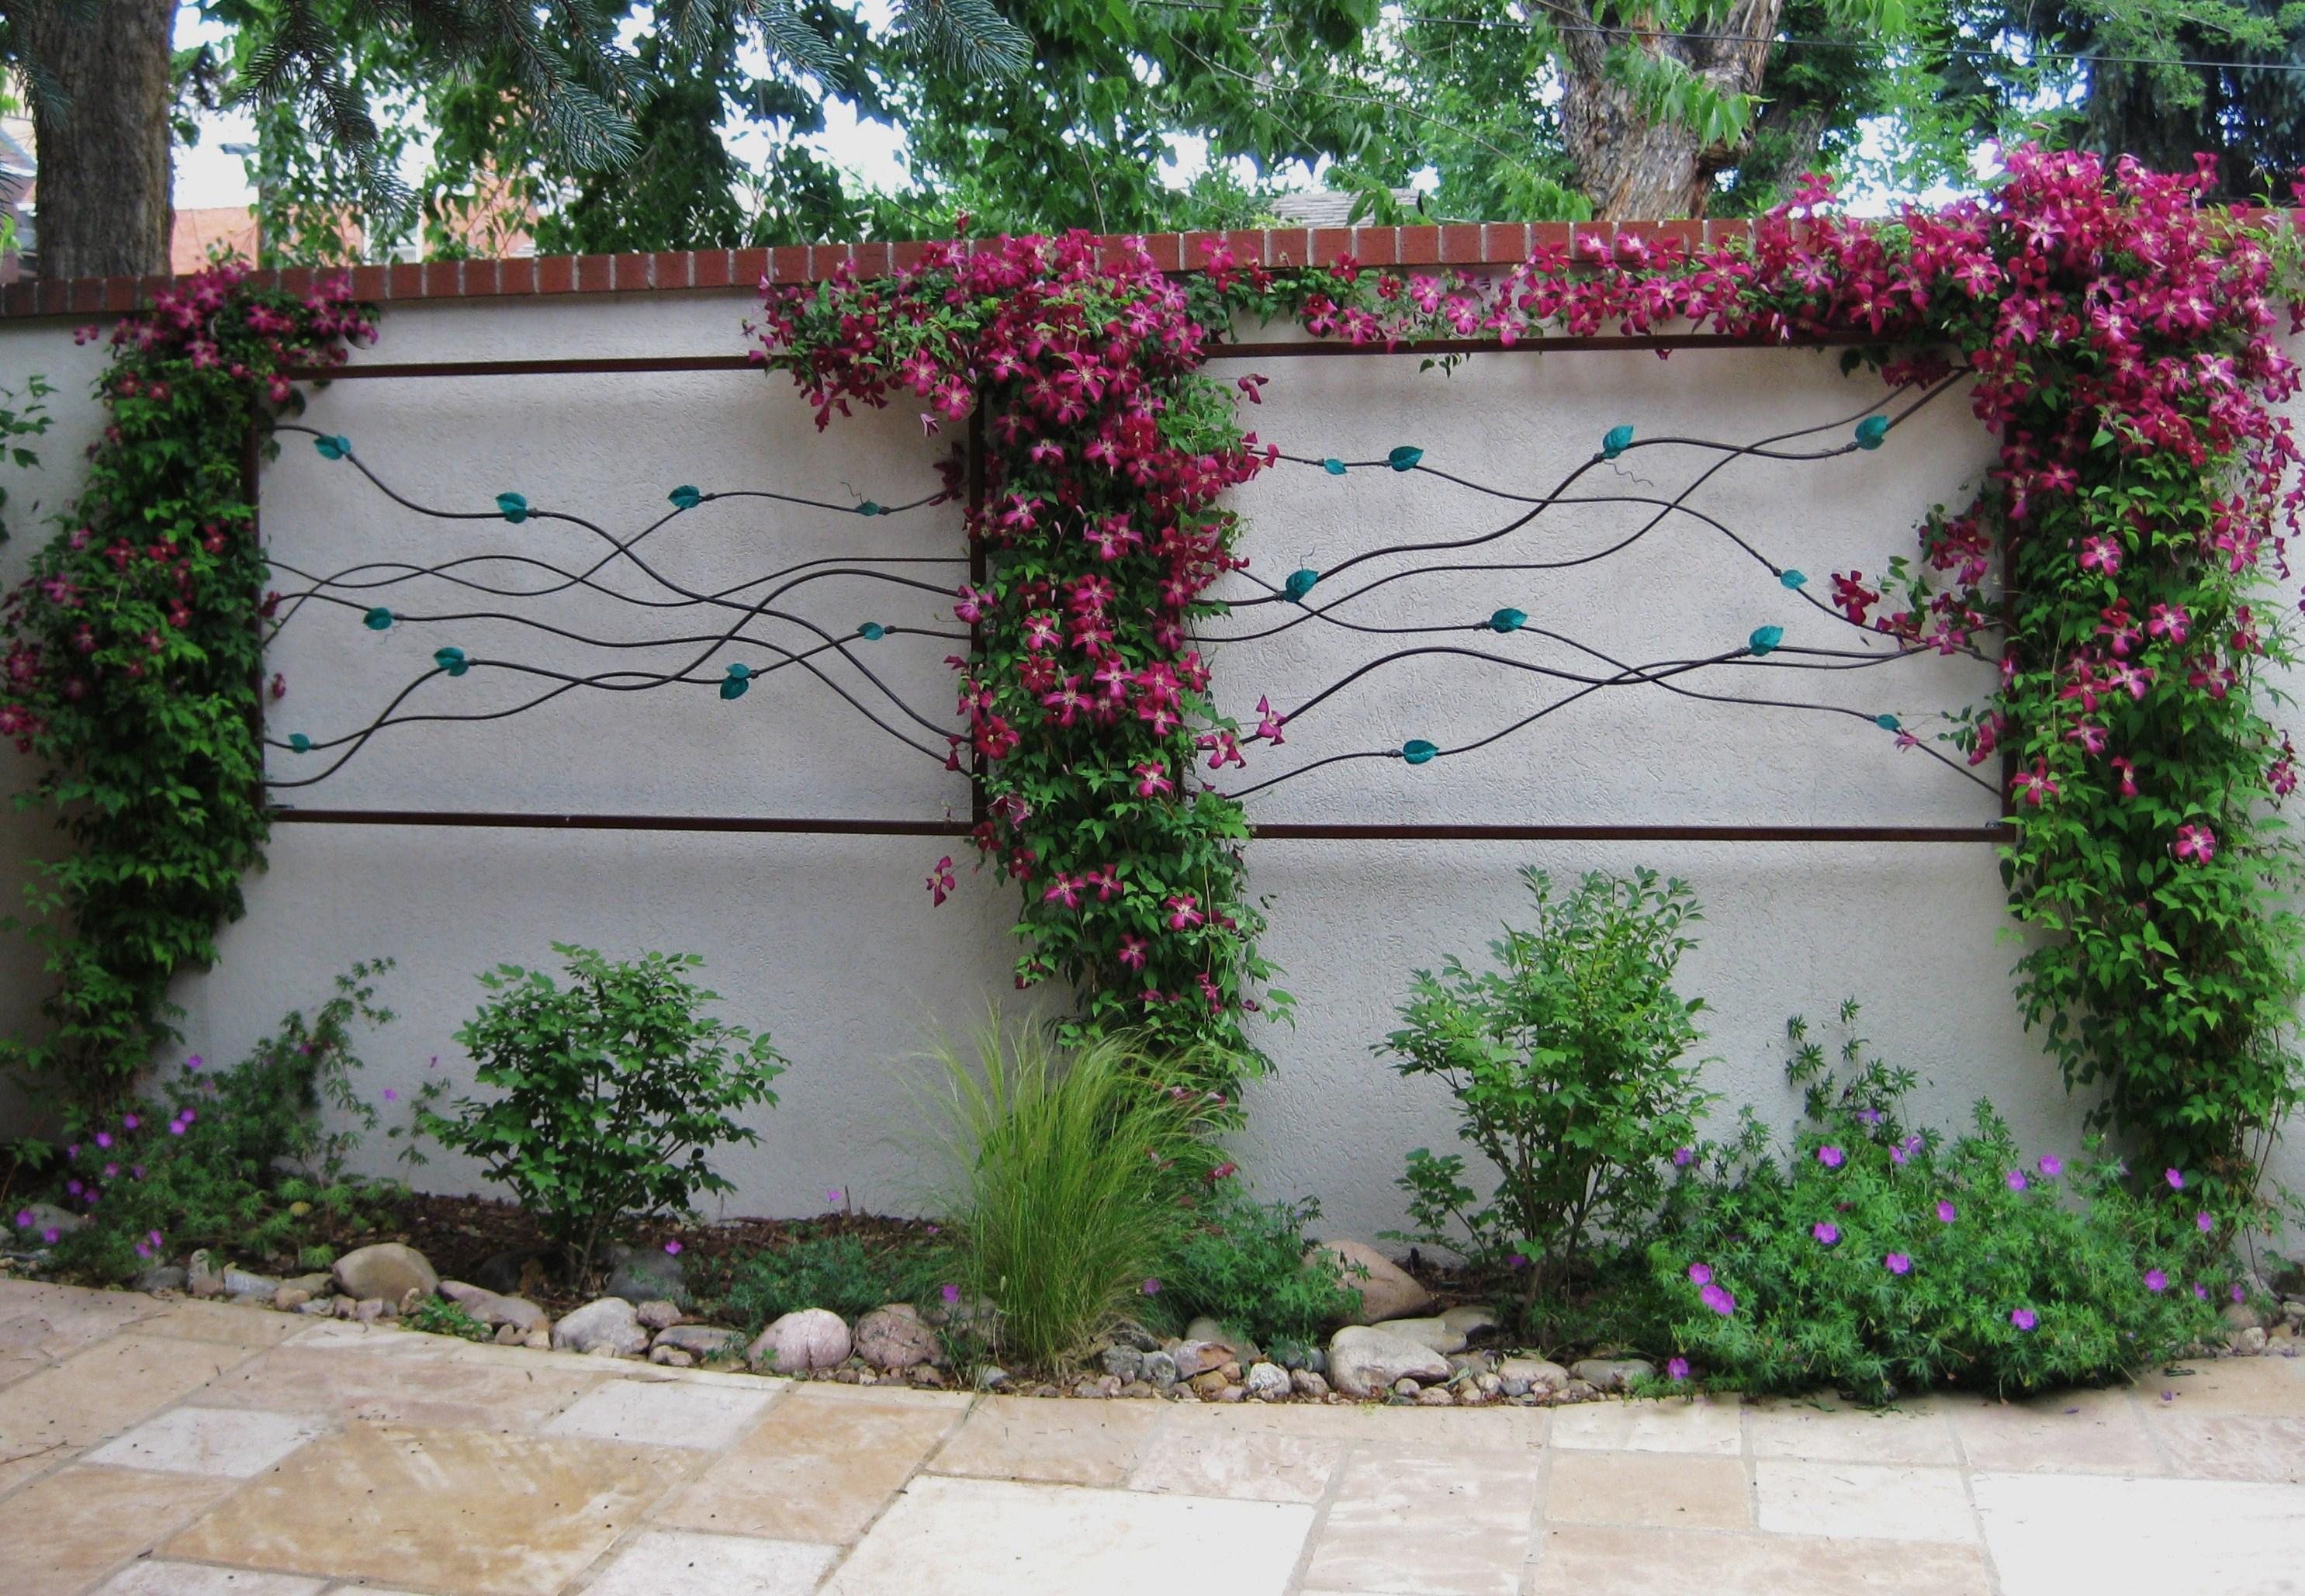 Best ideas about Garden Wall Art . Save or Pin 20 Ideas of Diy Garden Wall Art Now.